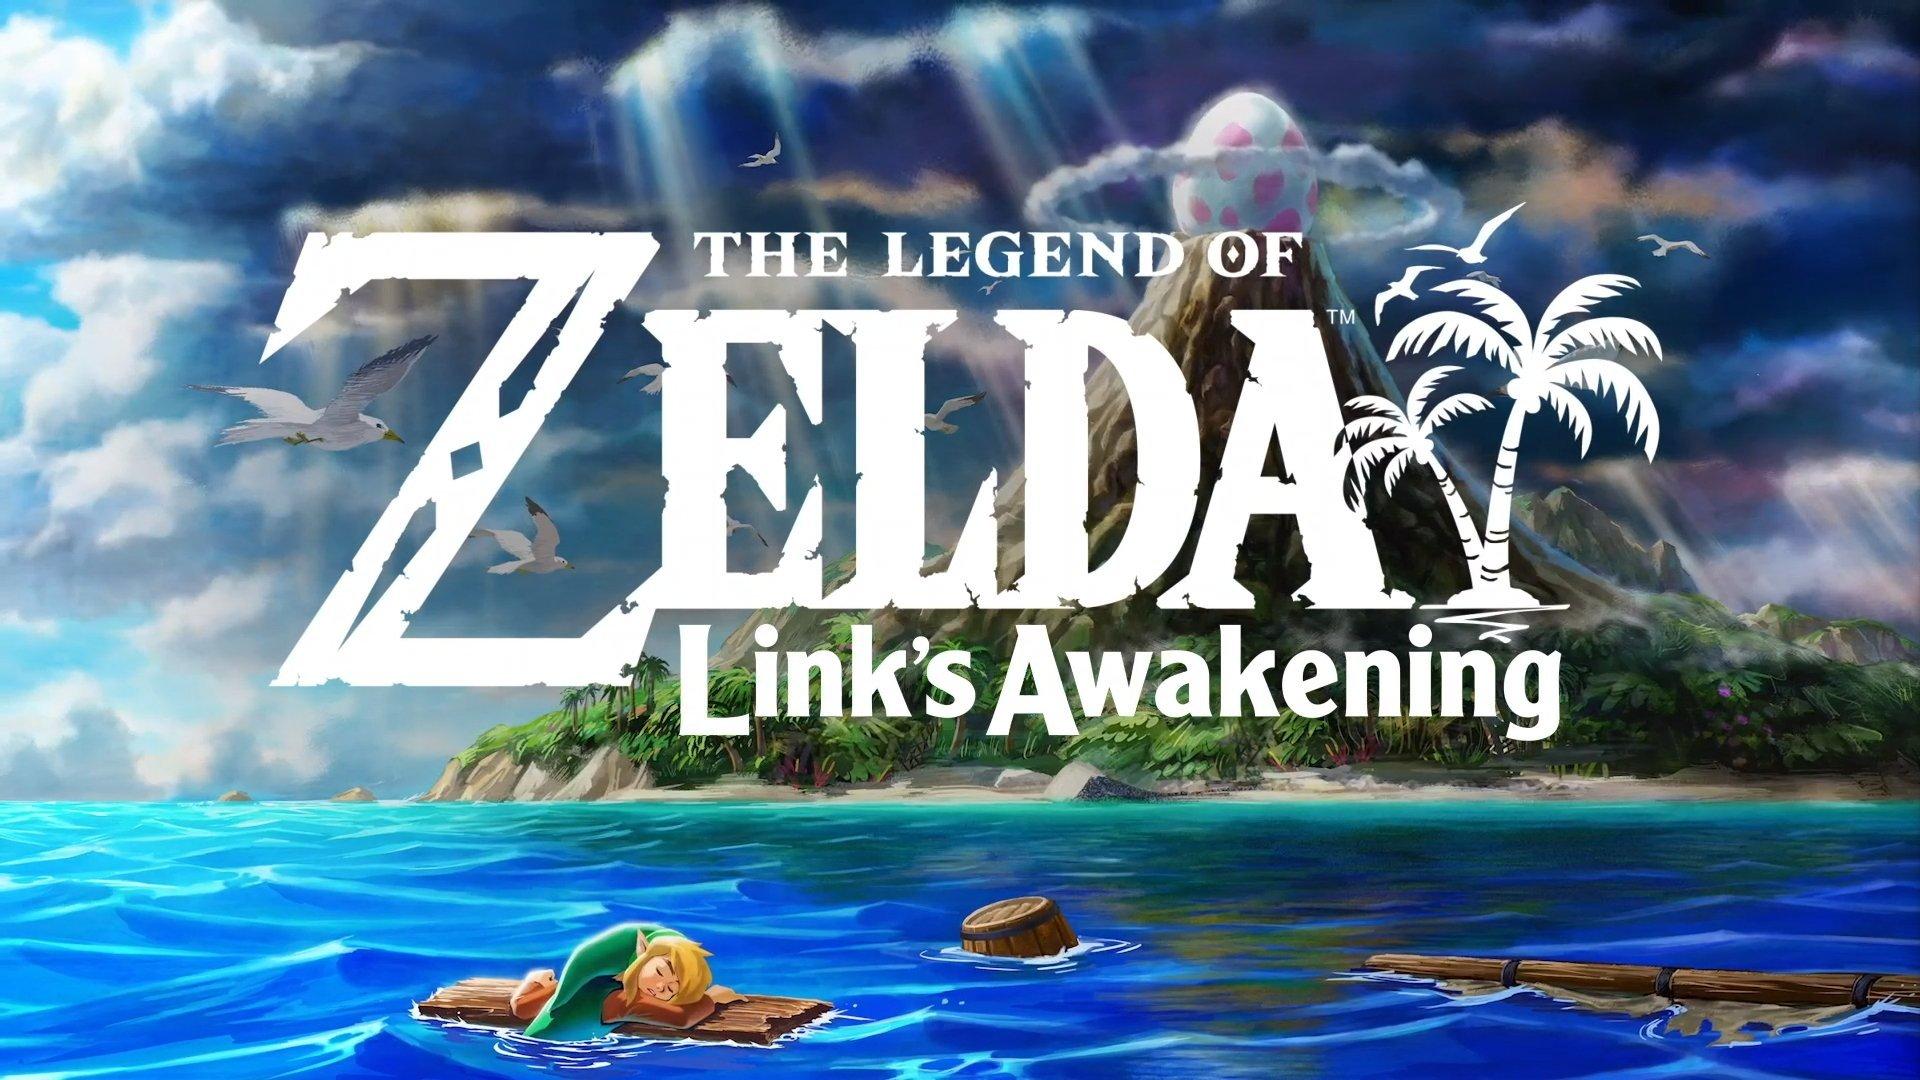 El primer Nintendo Direct de 2019: Mario, Zelda, Fire Emblem... pero no Animal Crossing